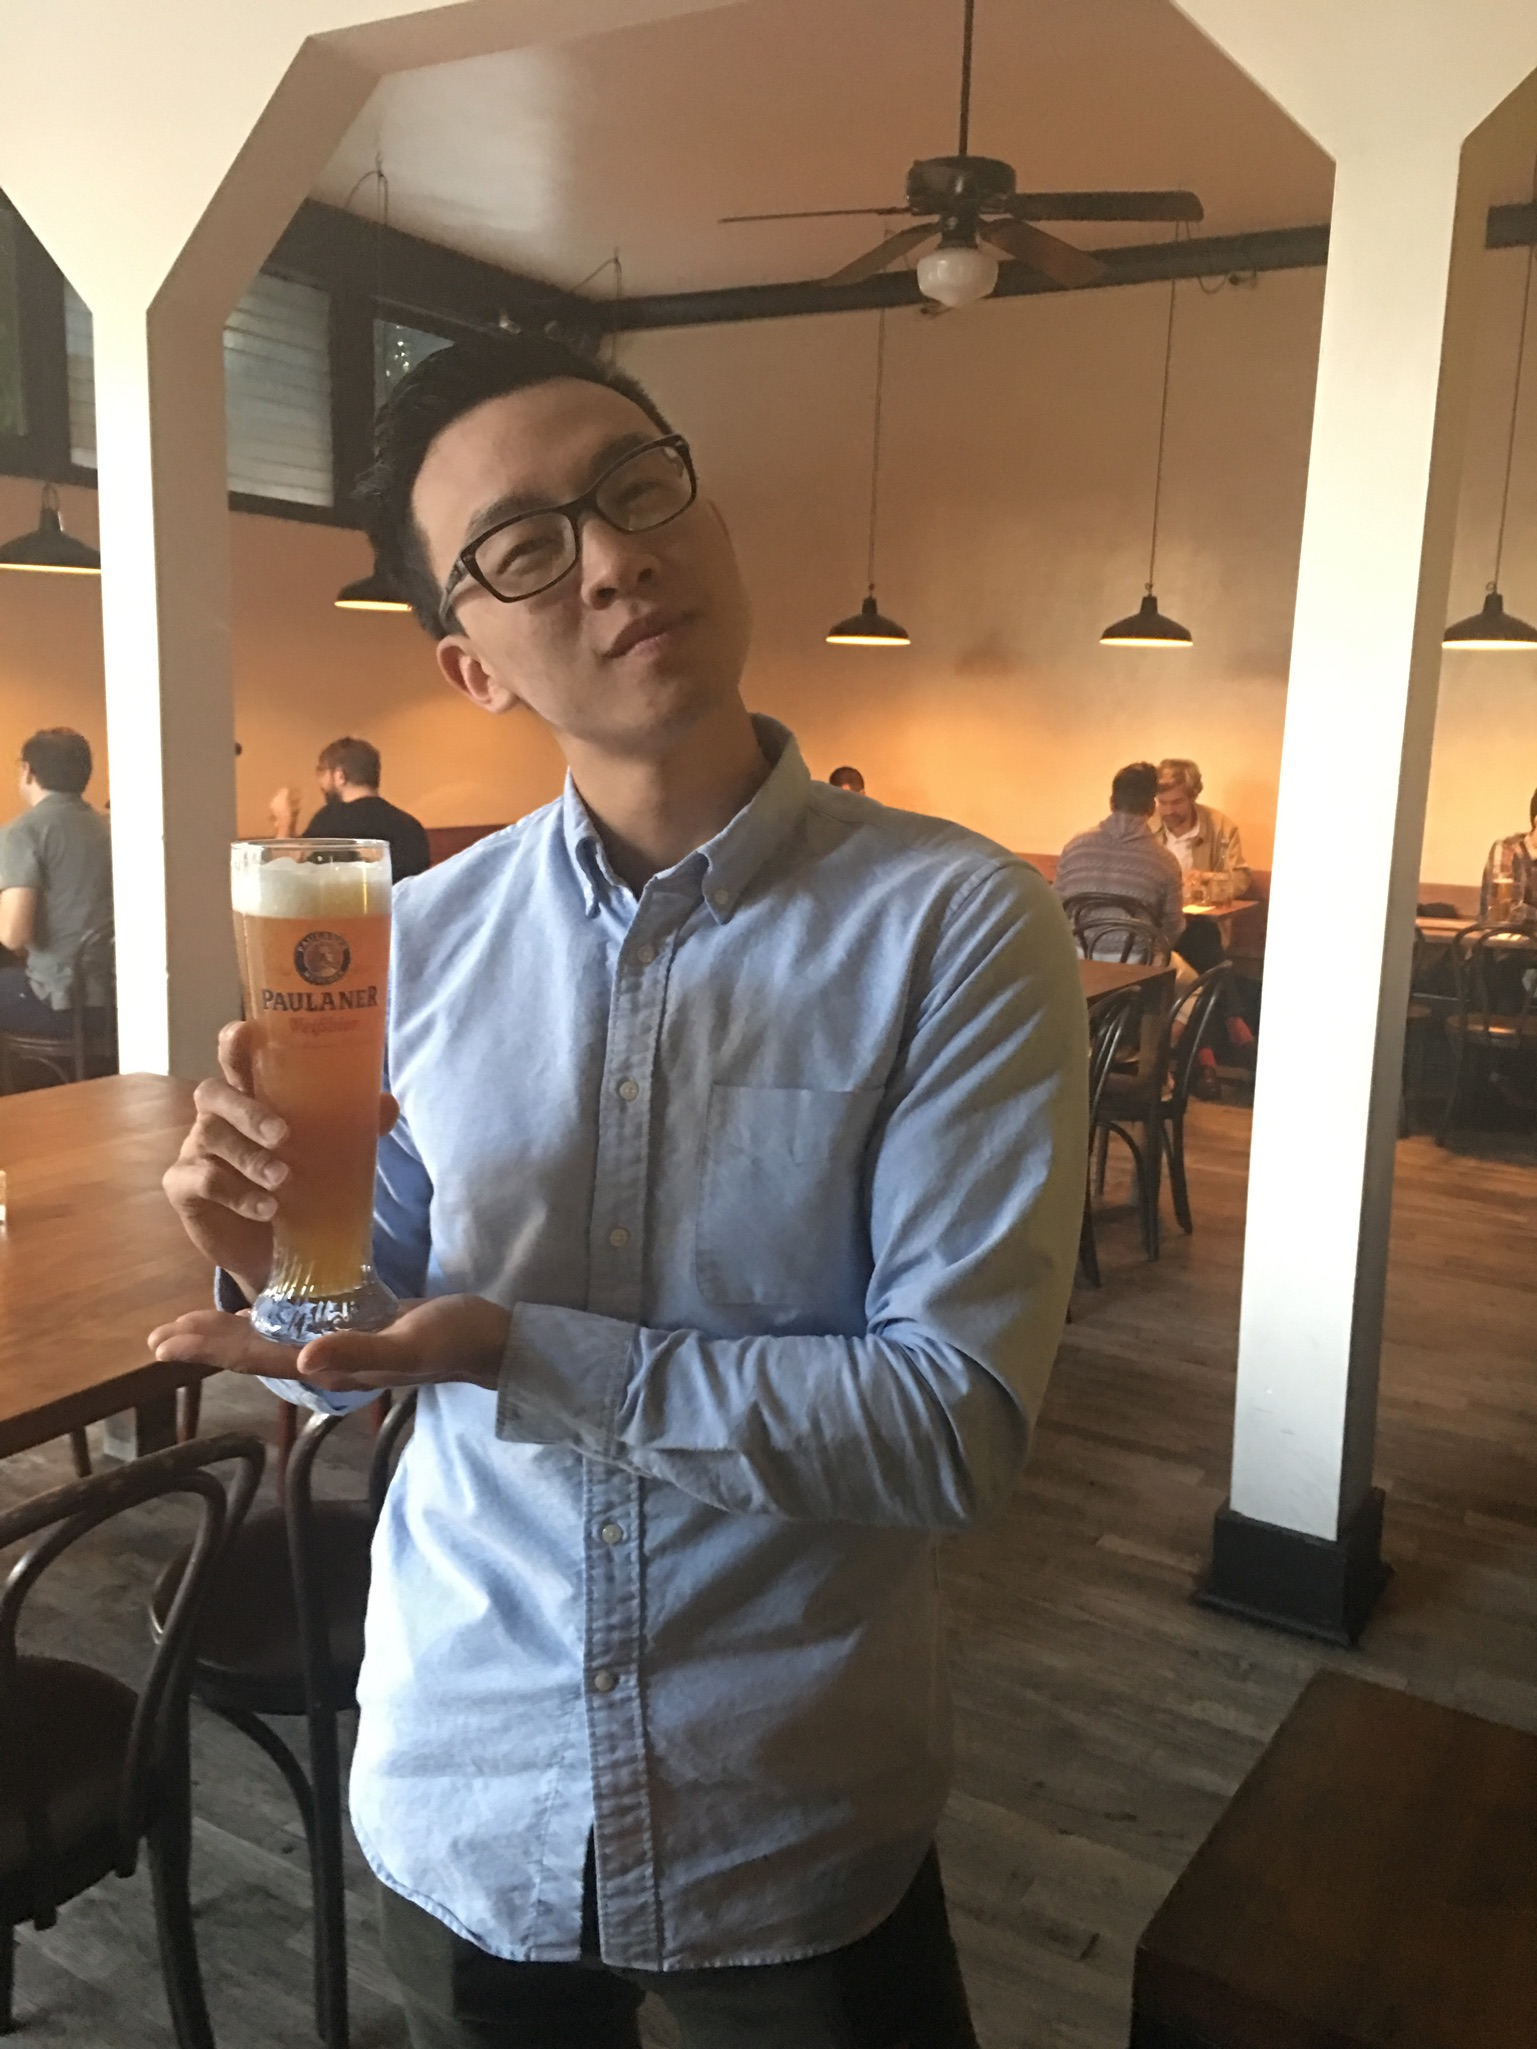 Daniel Jong